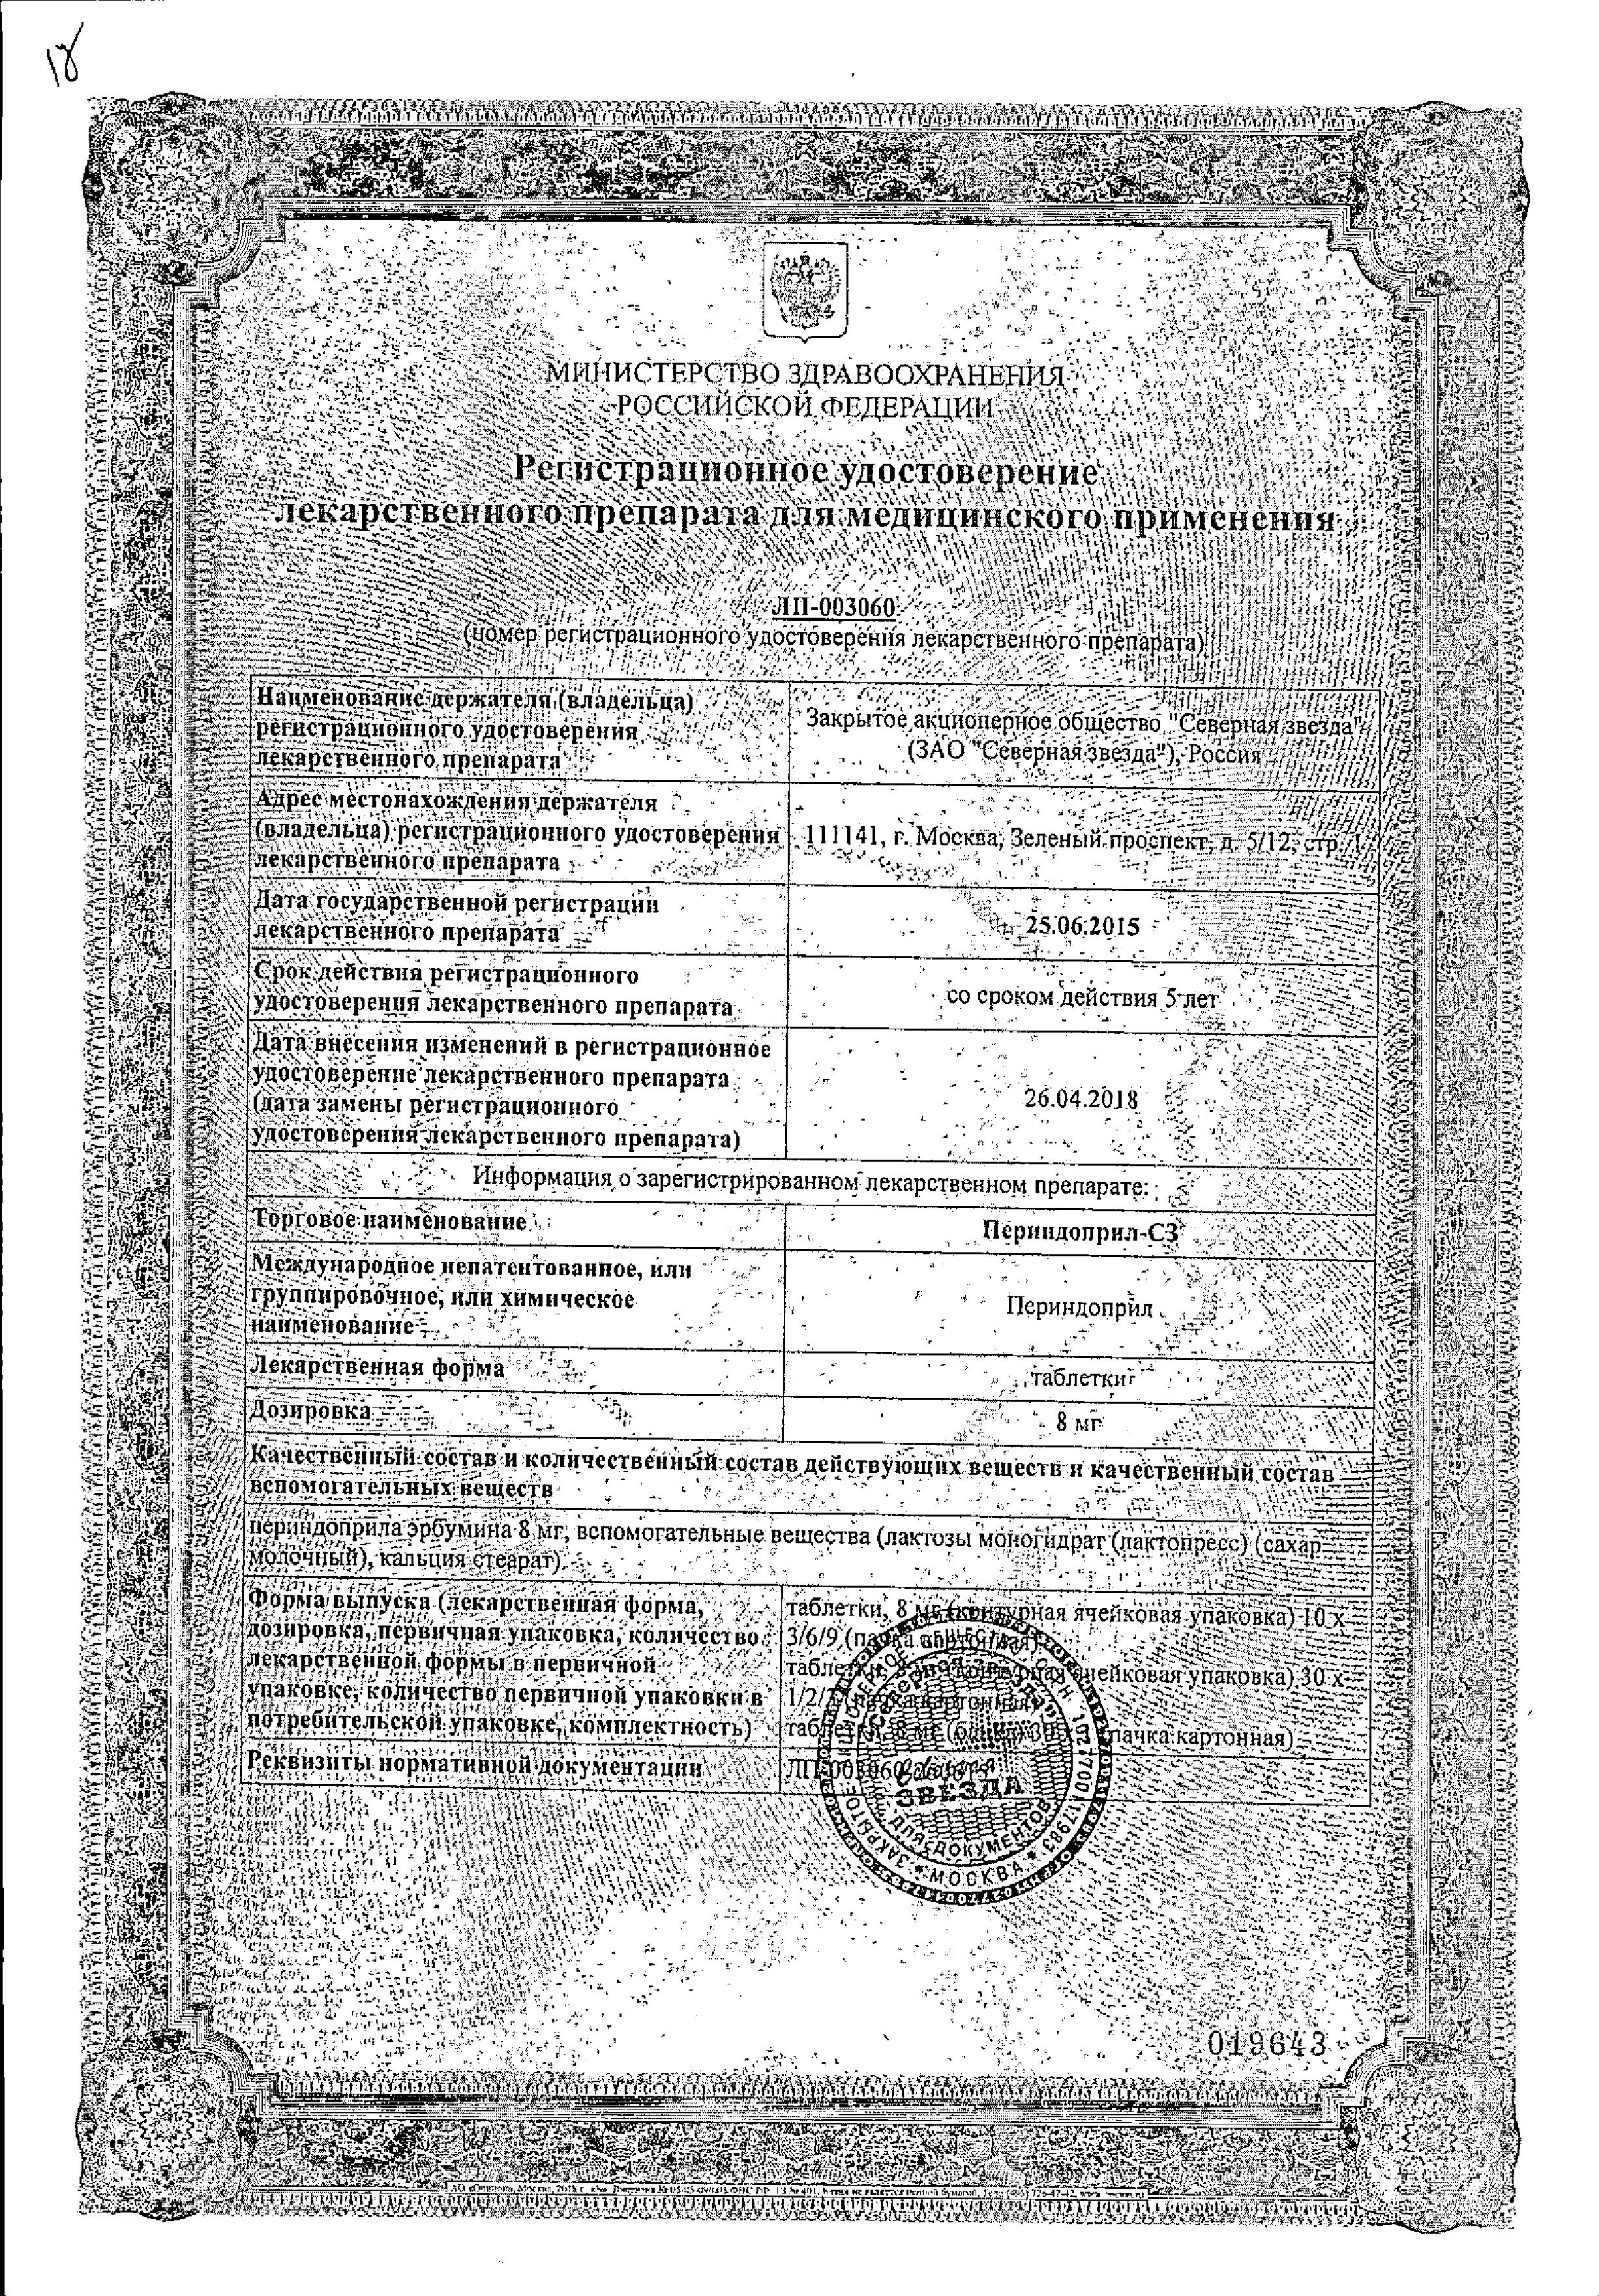 Периндоприл-СЗ сертификат